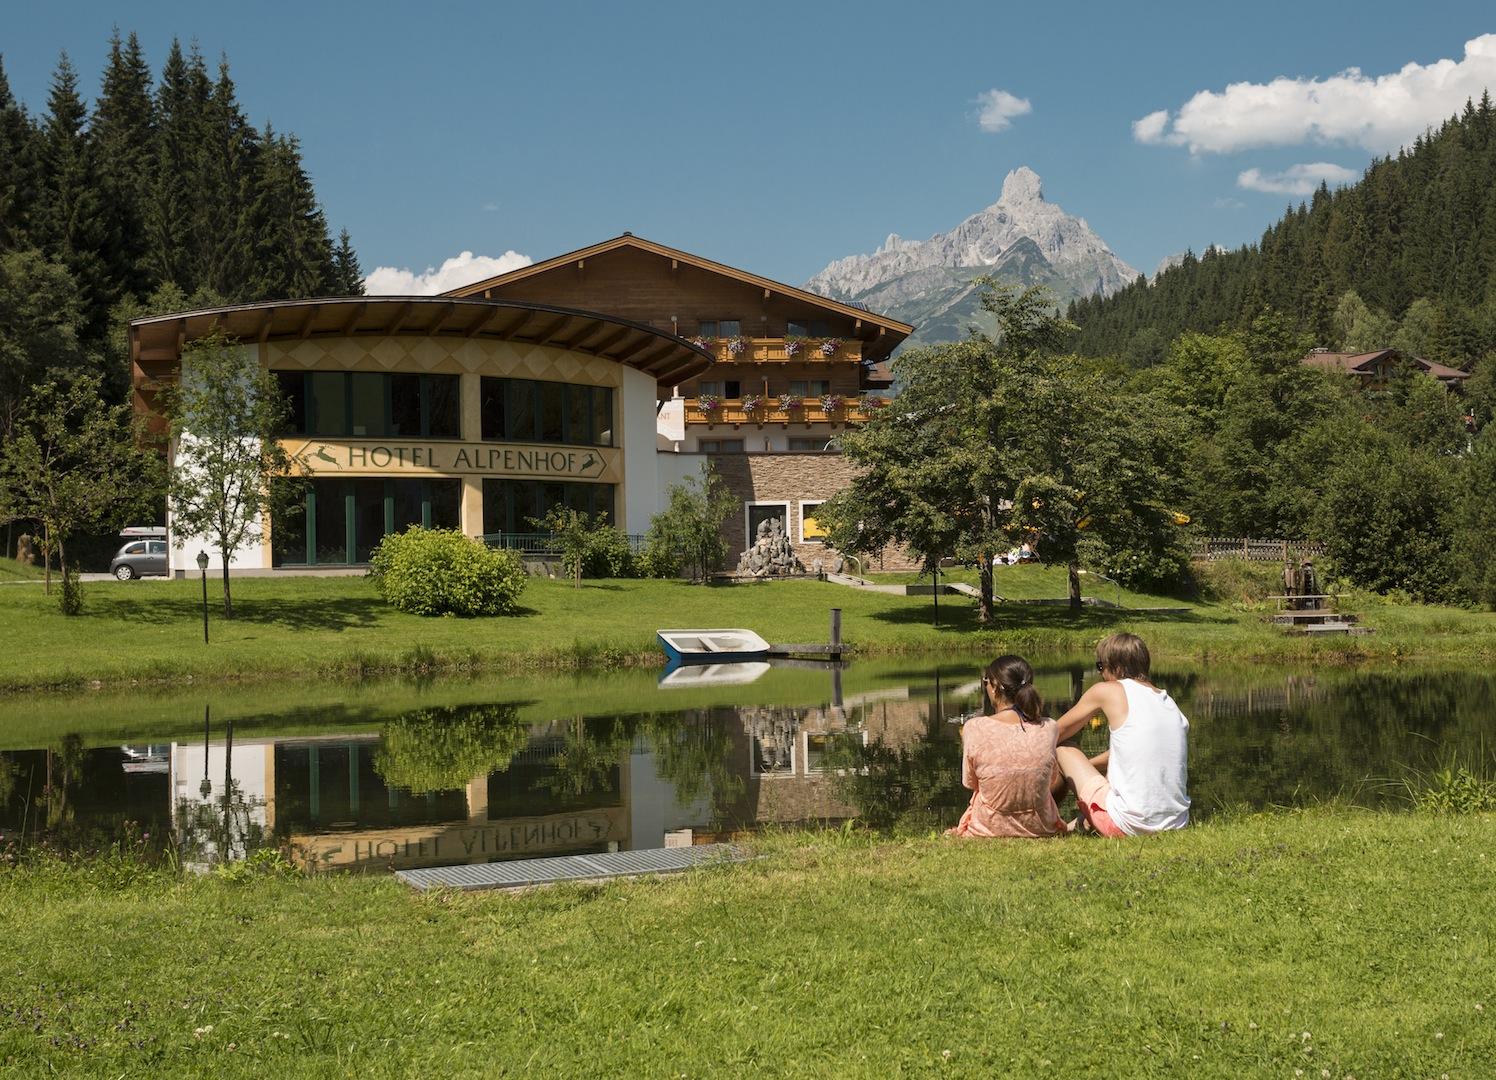 Aussenansicht Hotel Alpenhof ©Fotodesign David